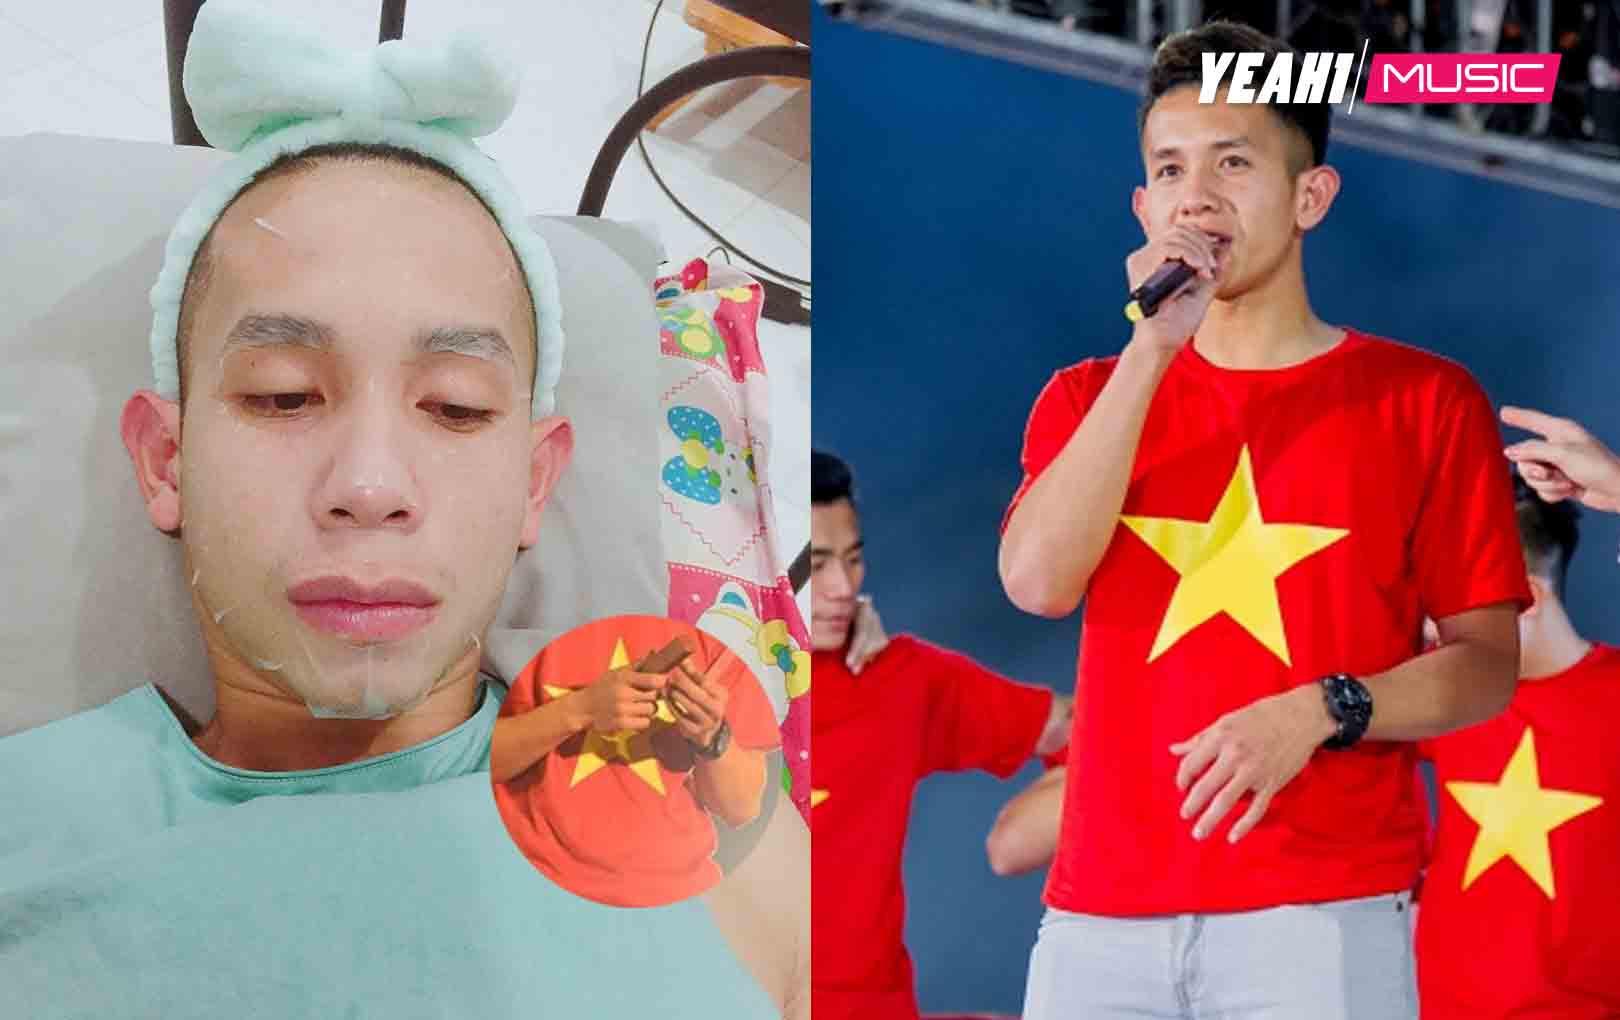 Lần đầu hát live 'ngọt muốn xỉu', Hồng Duy được fans khuyên nên theo nghiệp ca hát nếu giải nghệ bán son